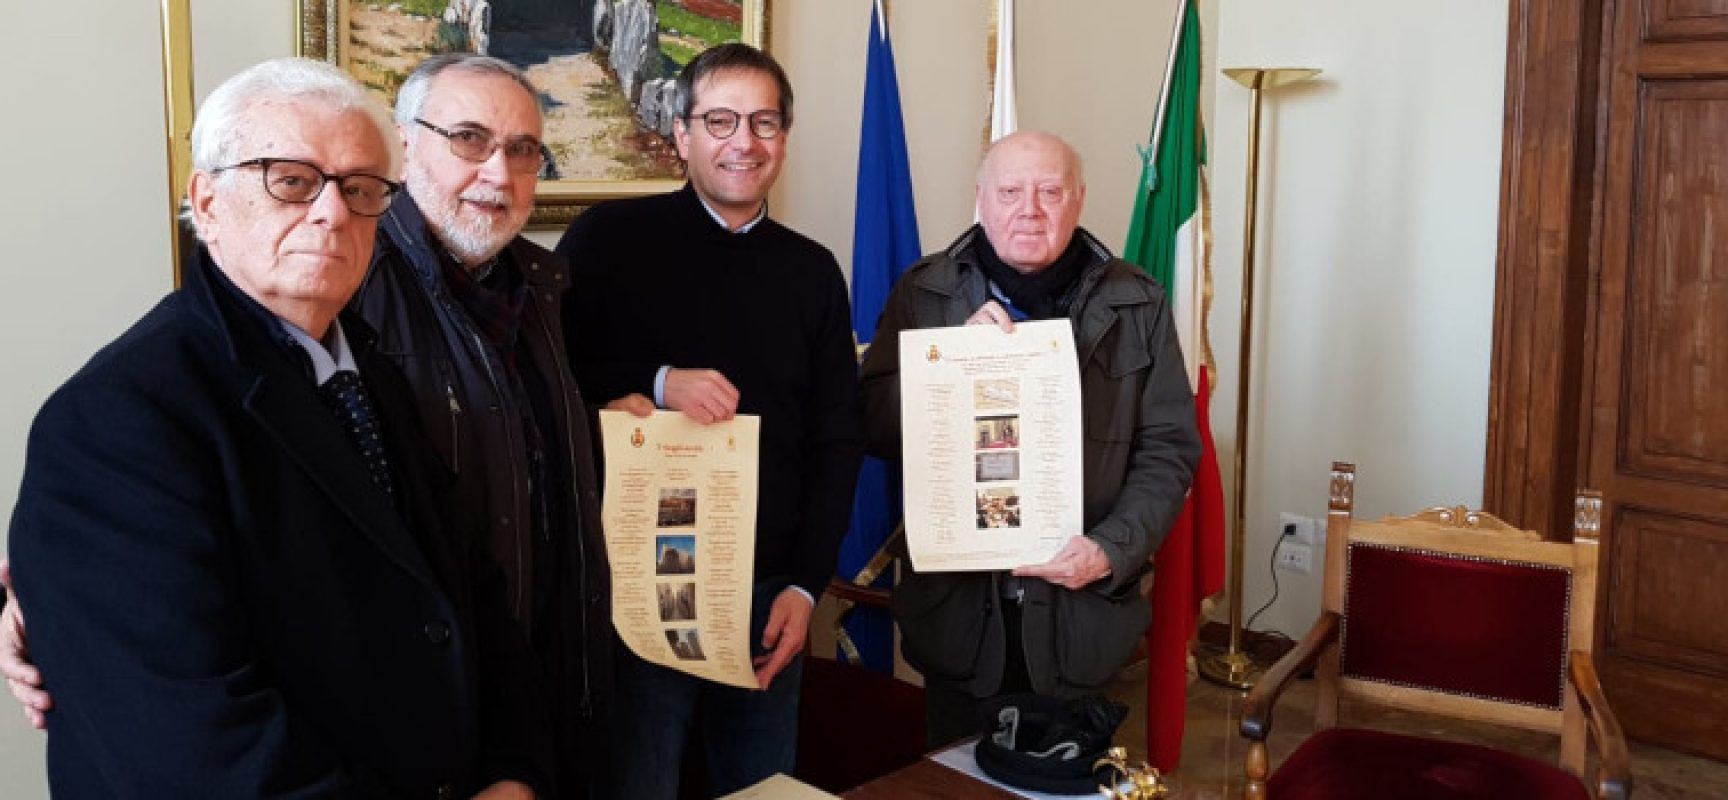 Amministrazione comunale istituisce la giornata del dialetto biscegliese